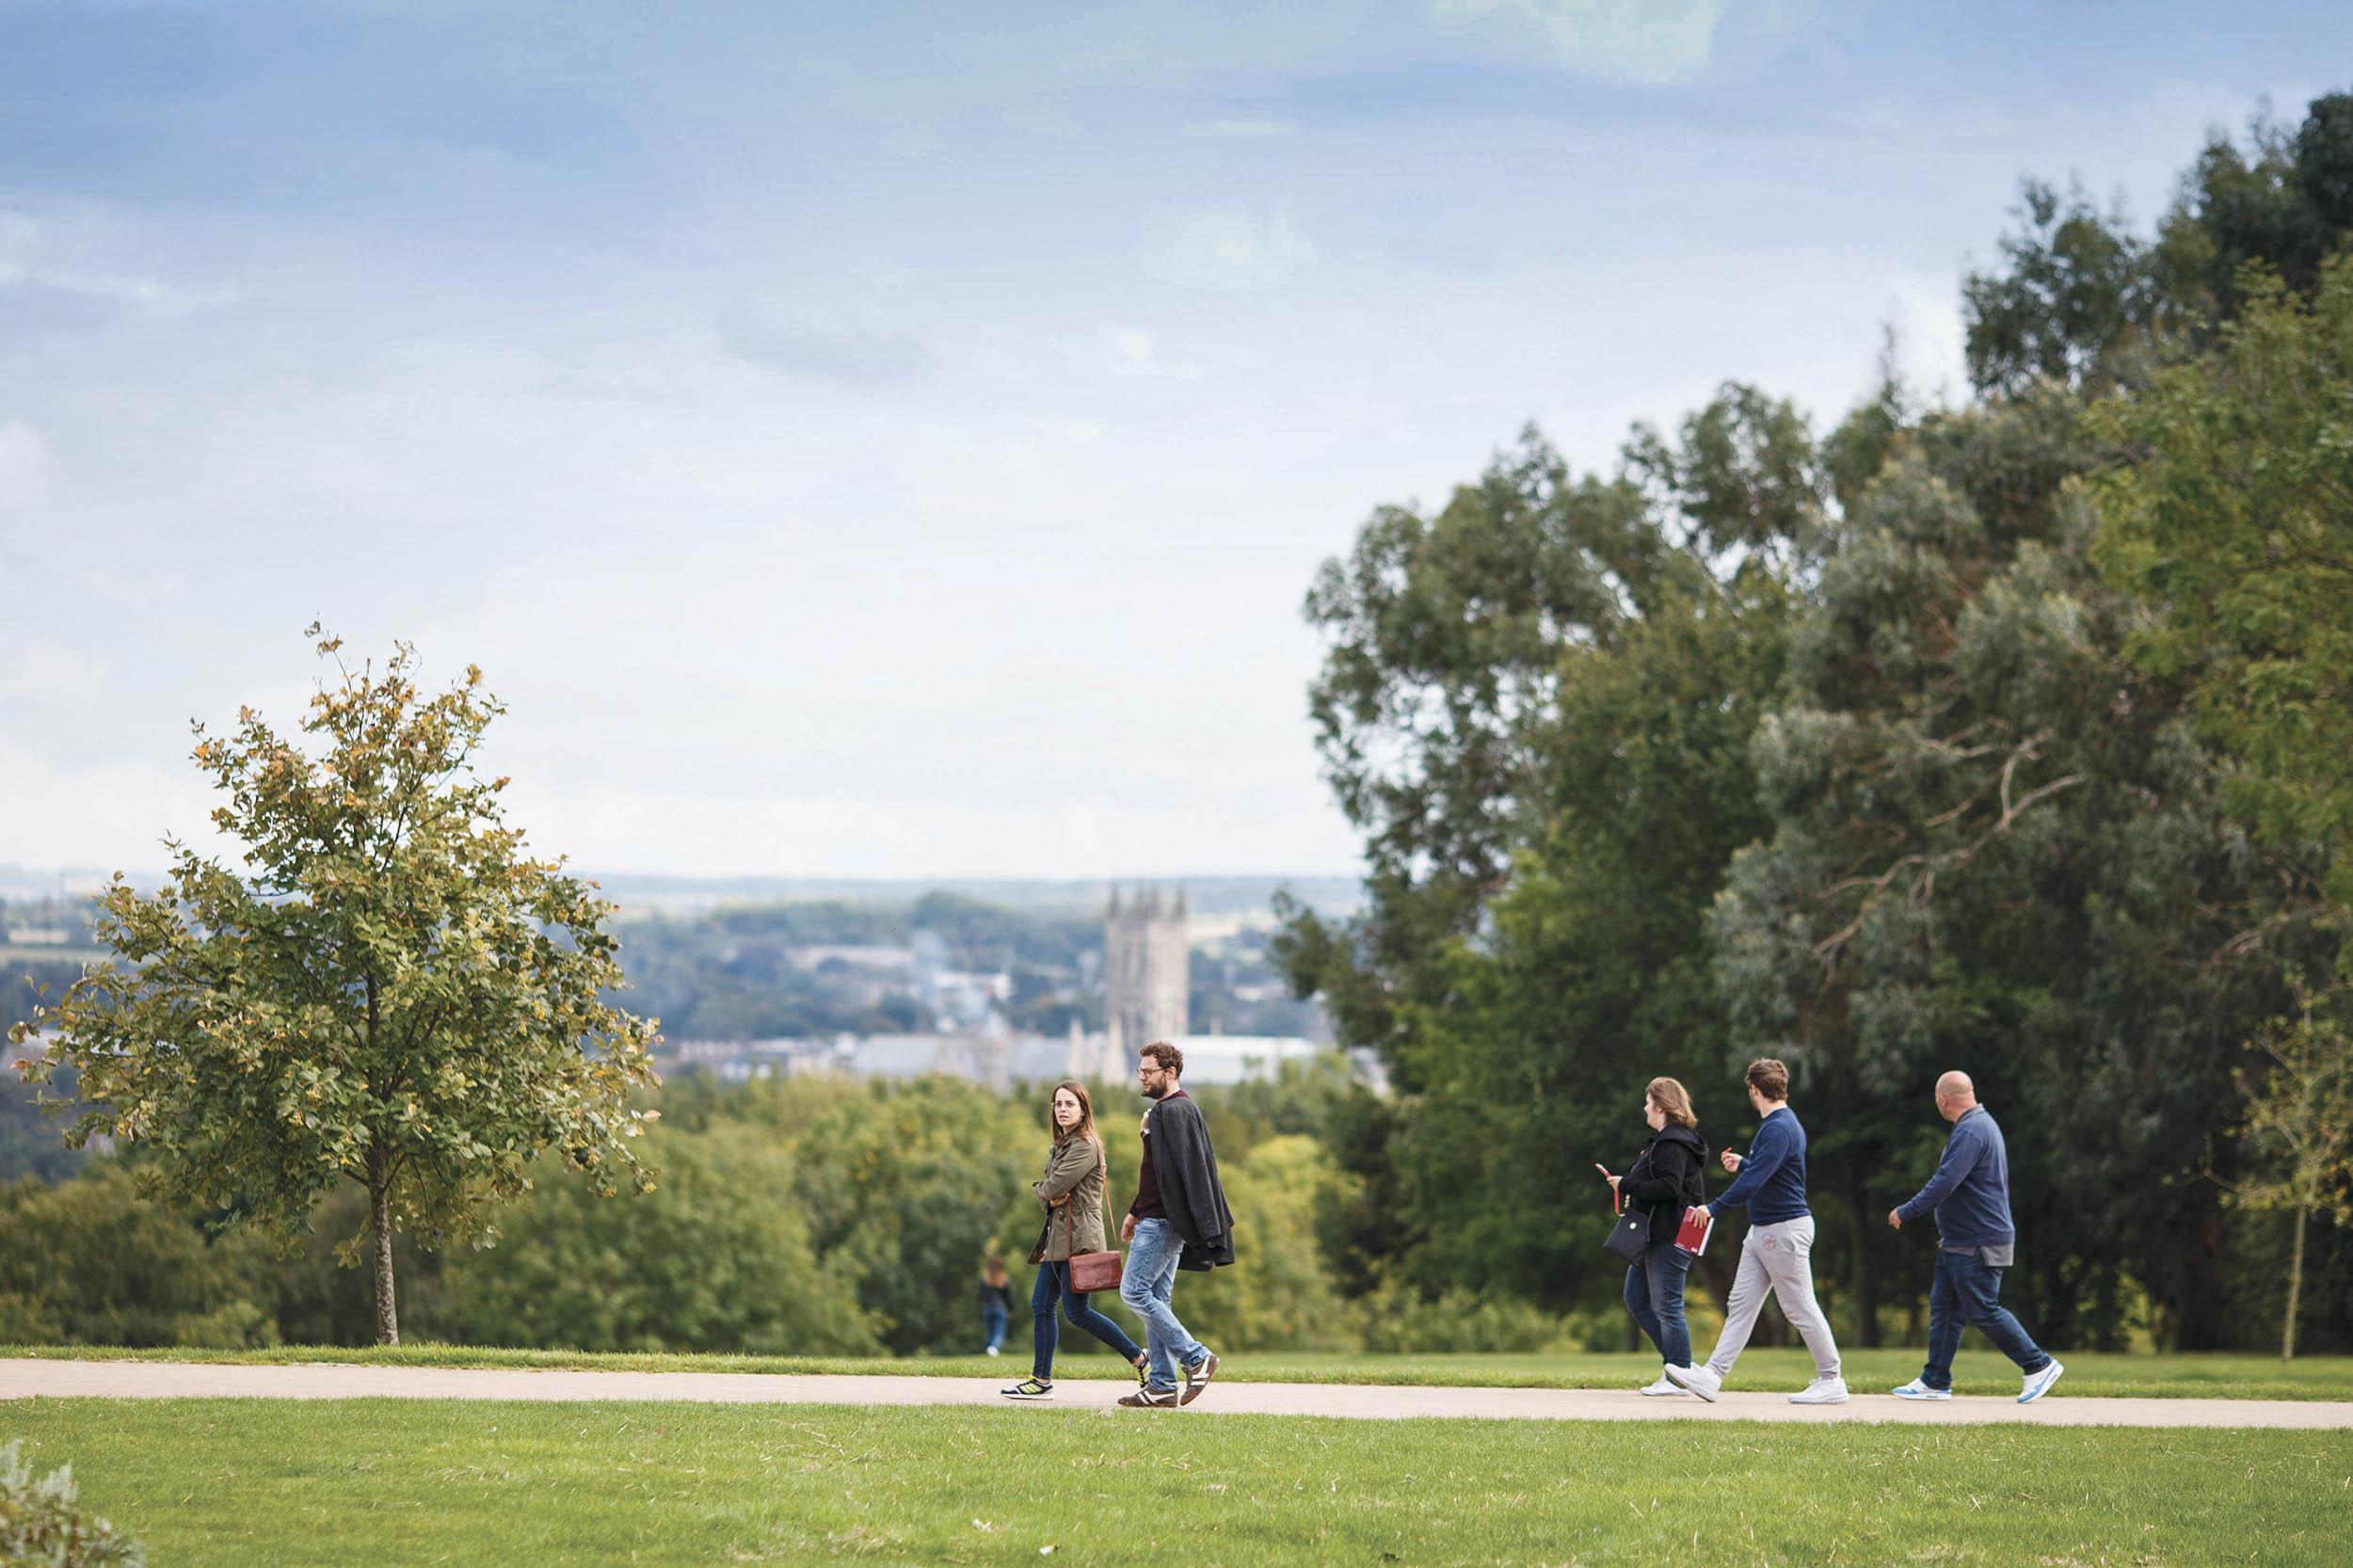 People walking on Canterbury campus